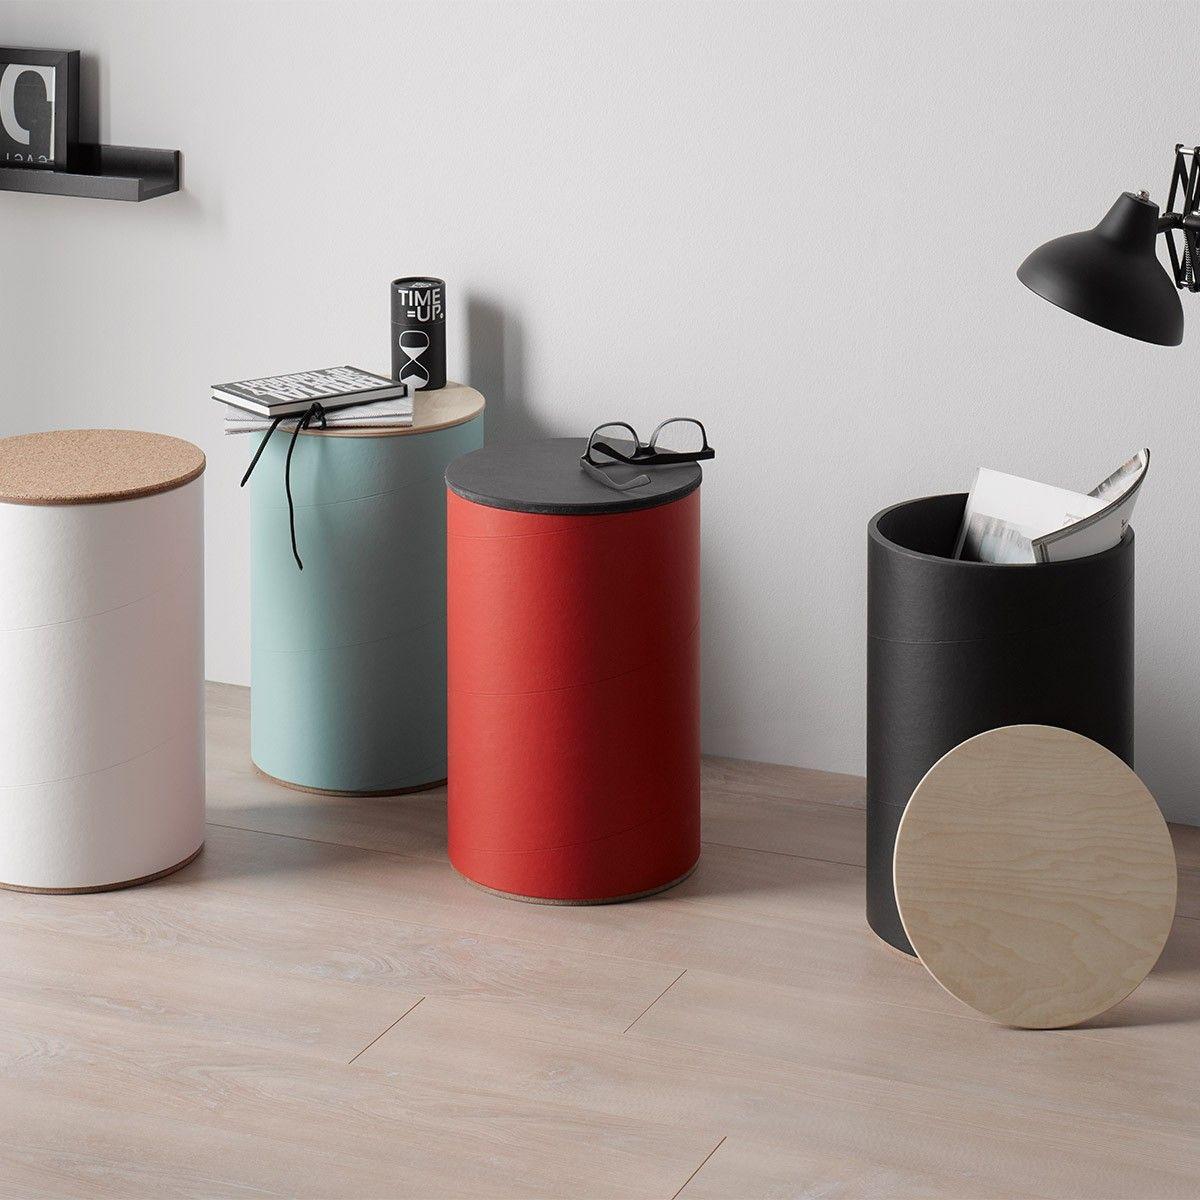 Rund Stil Tondo Hocker Mit Stauraum Selekkt Heim Fur Junges Design In 2020 Mit Bildern Hocker Mit Stauraum Hocker Weiss Hocker